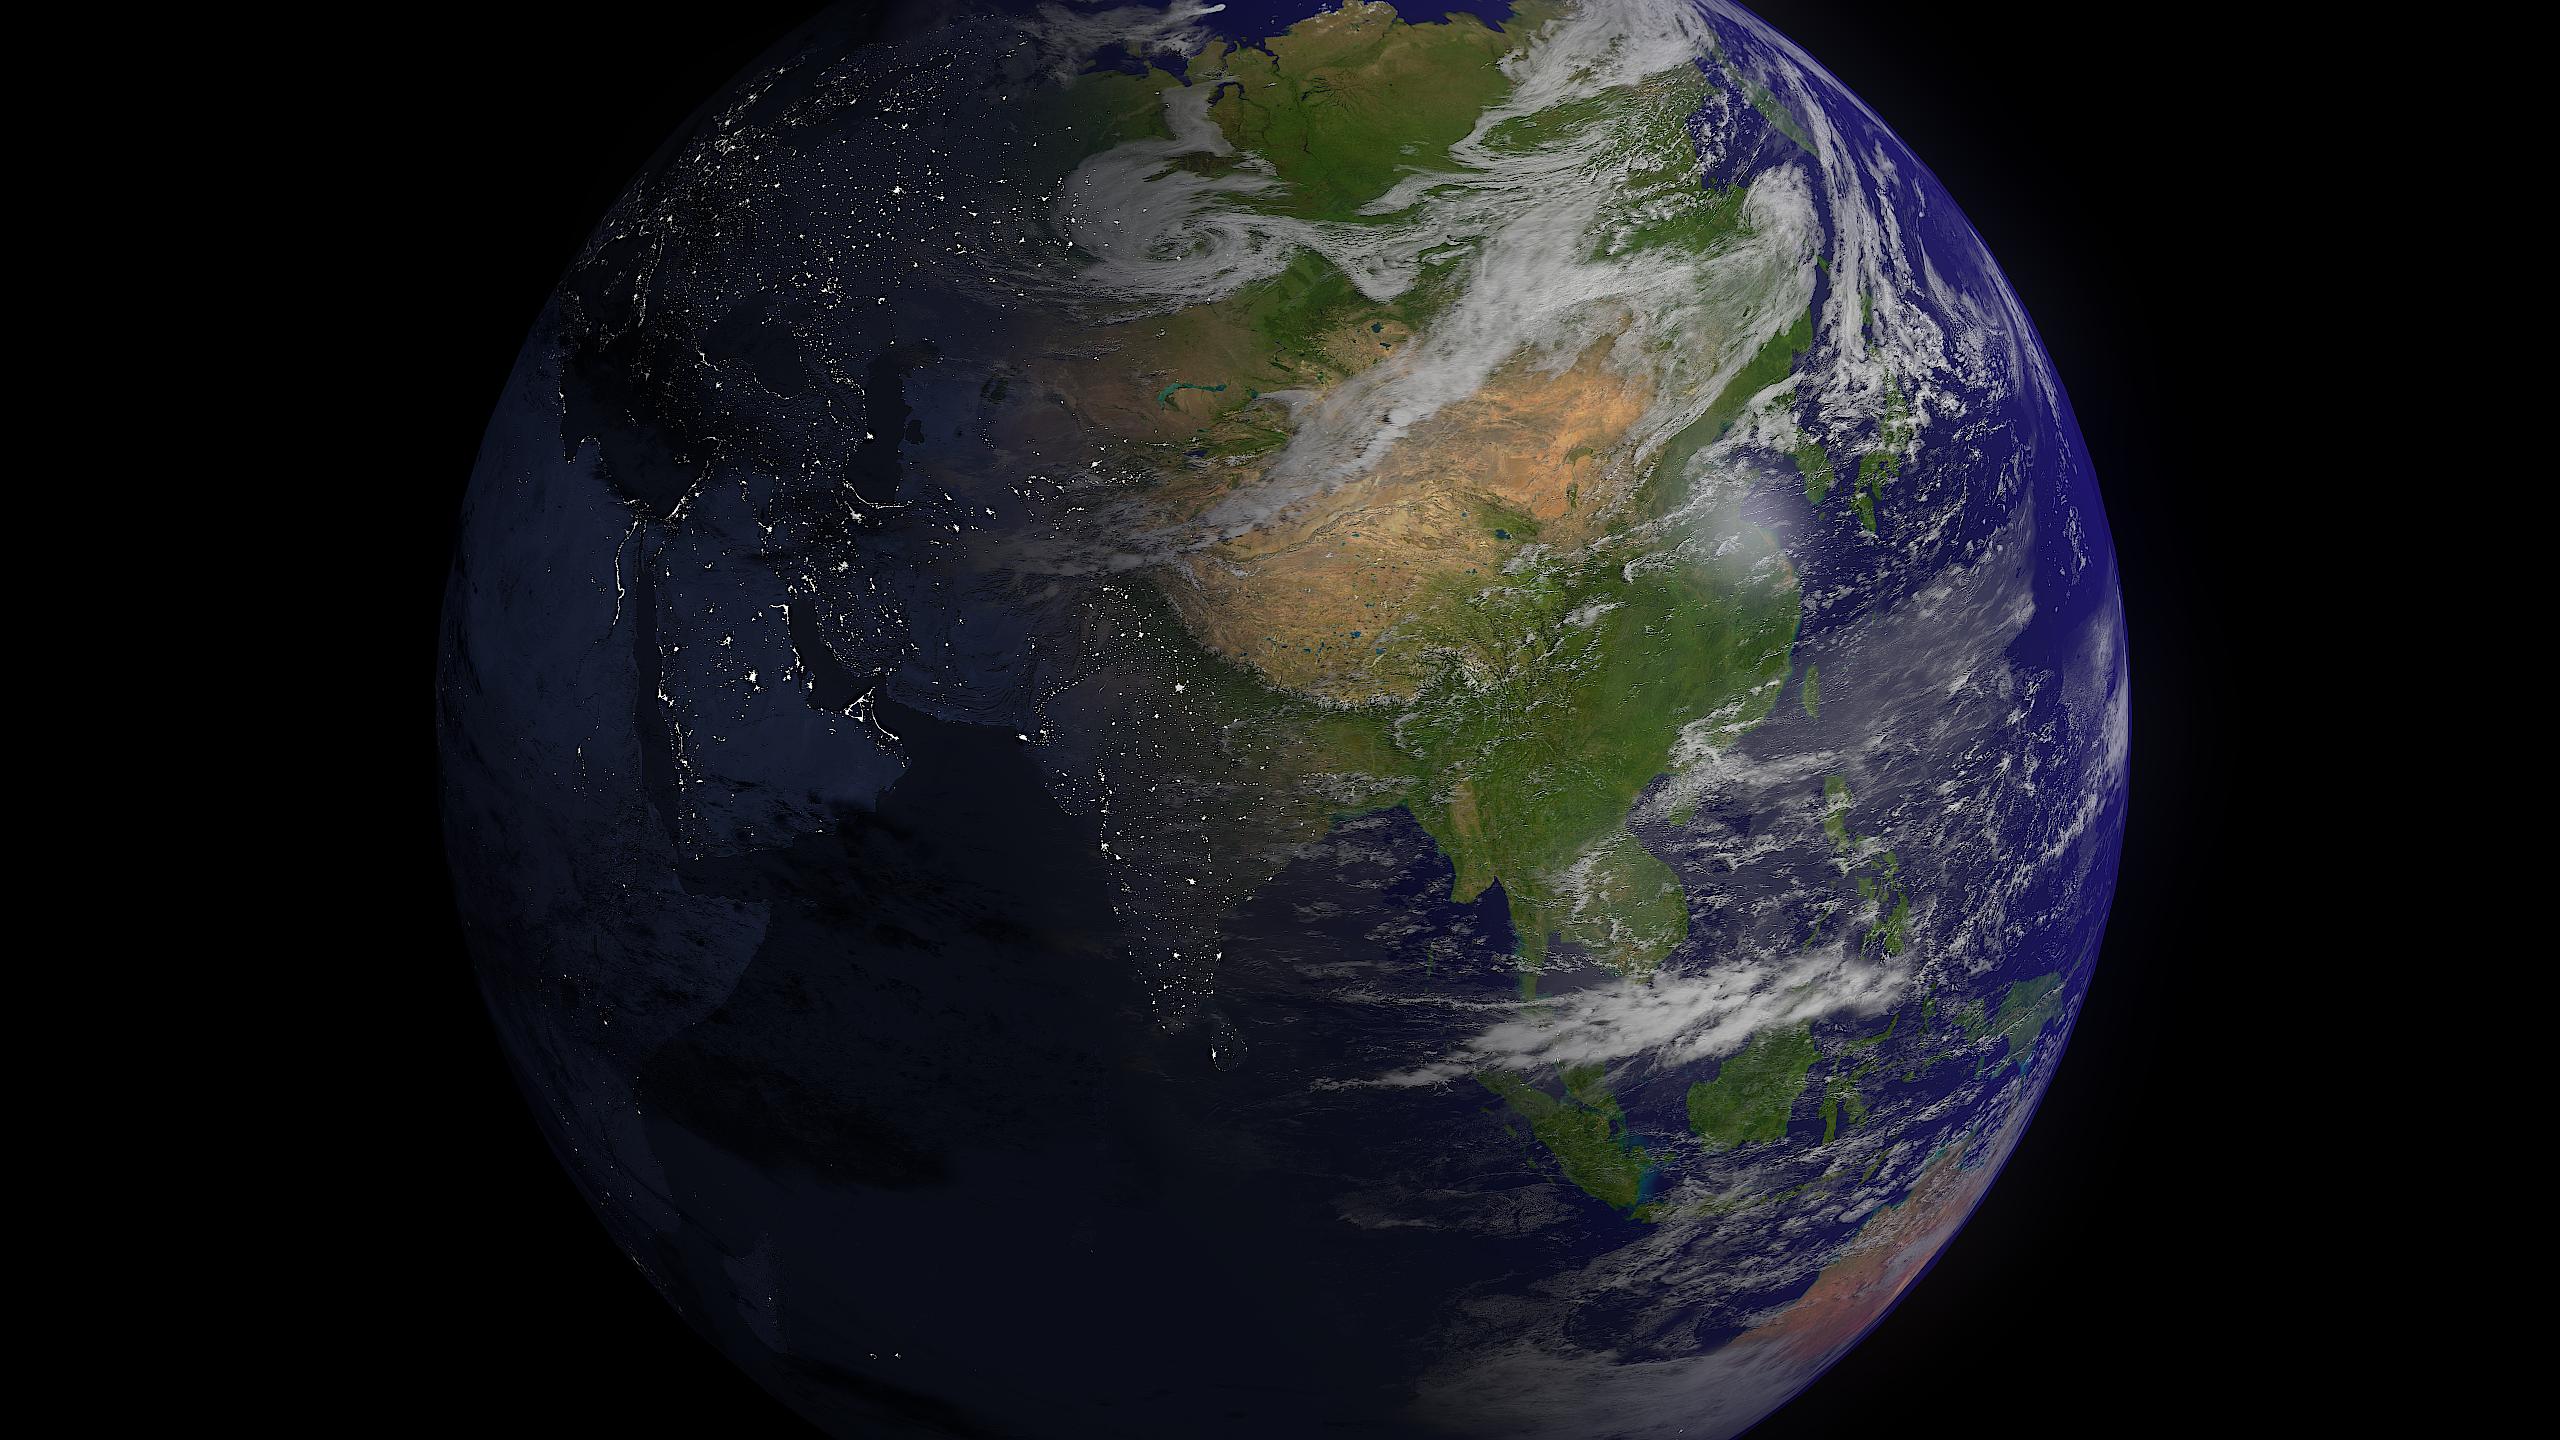 zemlja 21k 3d model 3ds fbx blend dae obj 210246